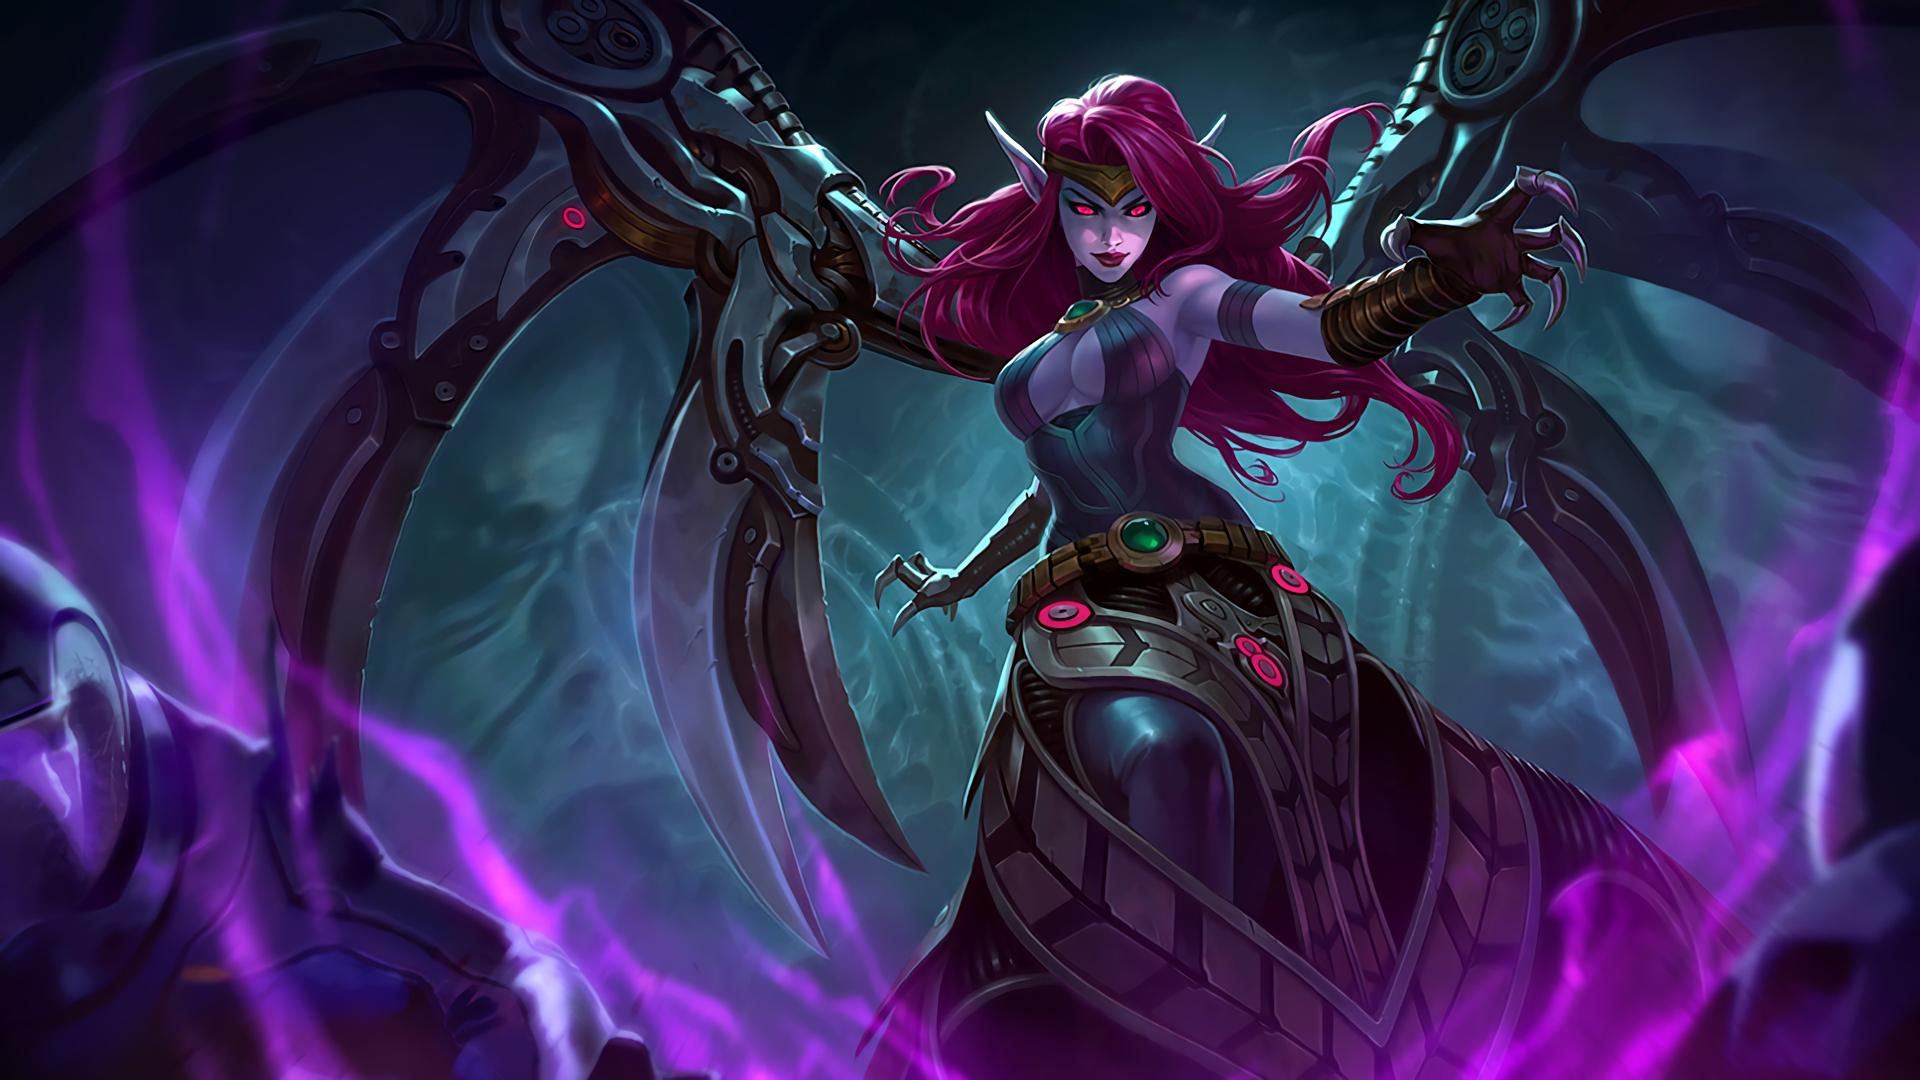 Blade Mistress Morgana wallpaper